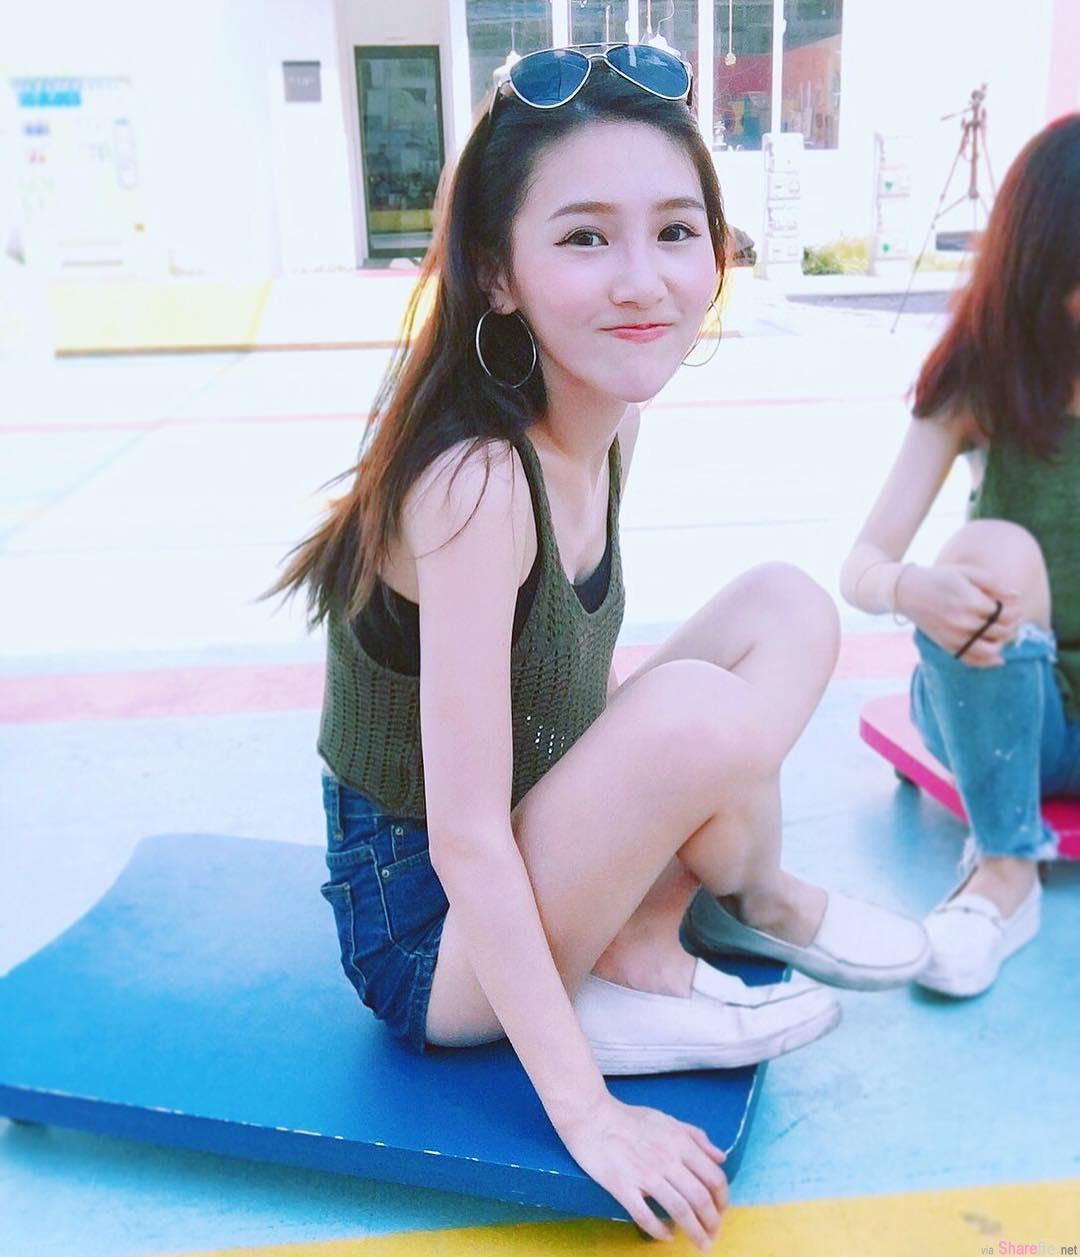 白皙长腿正妹小葵,微微一笑很清甜,兇勐腹肌连女生也尖叫